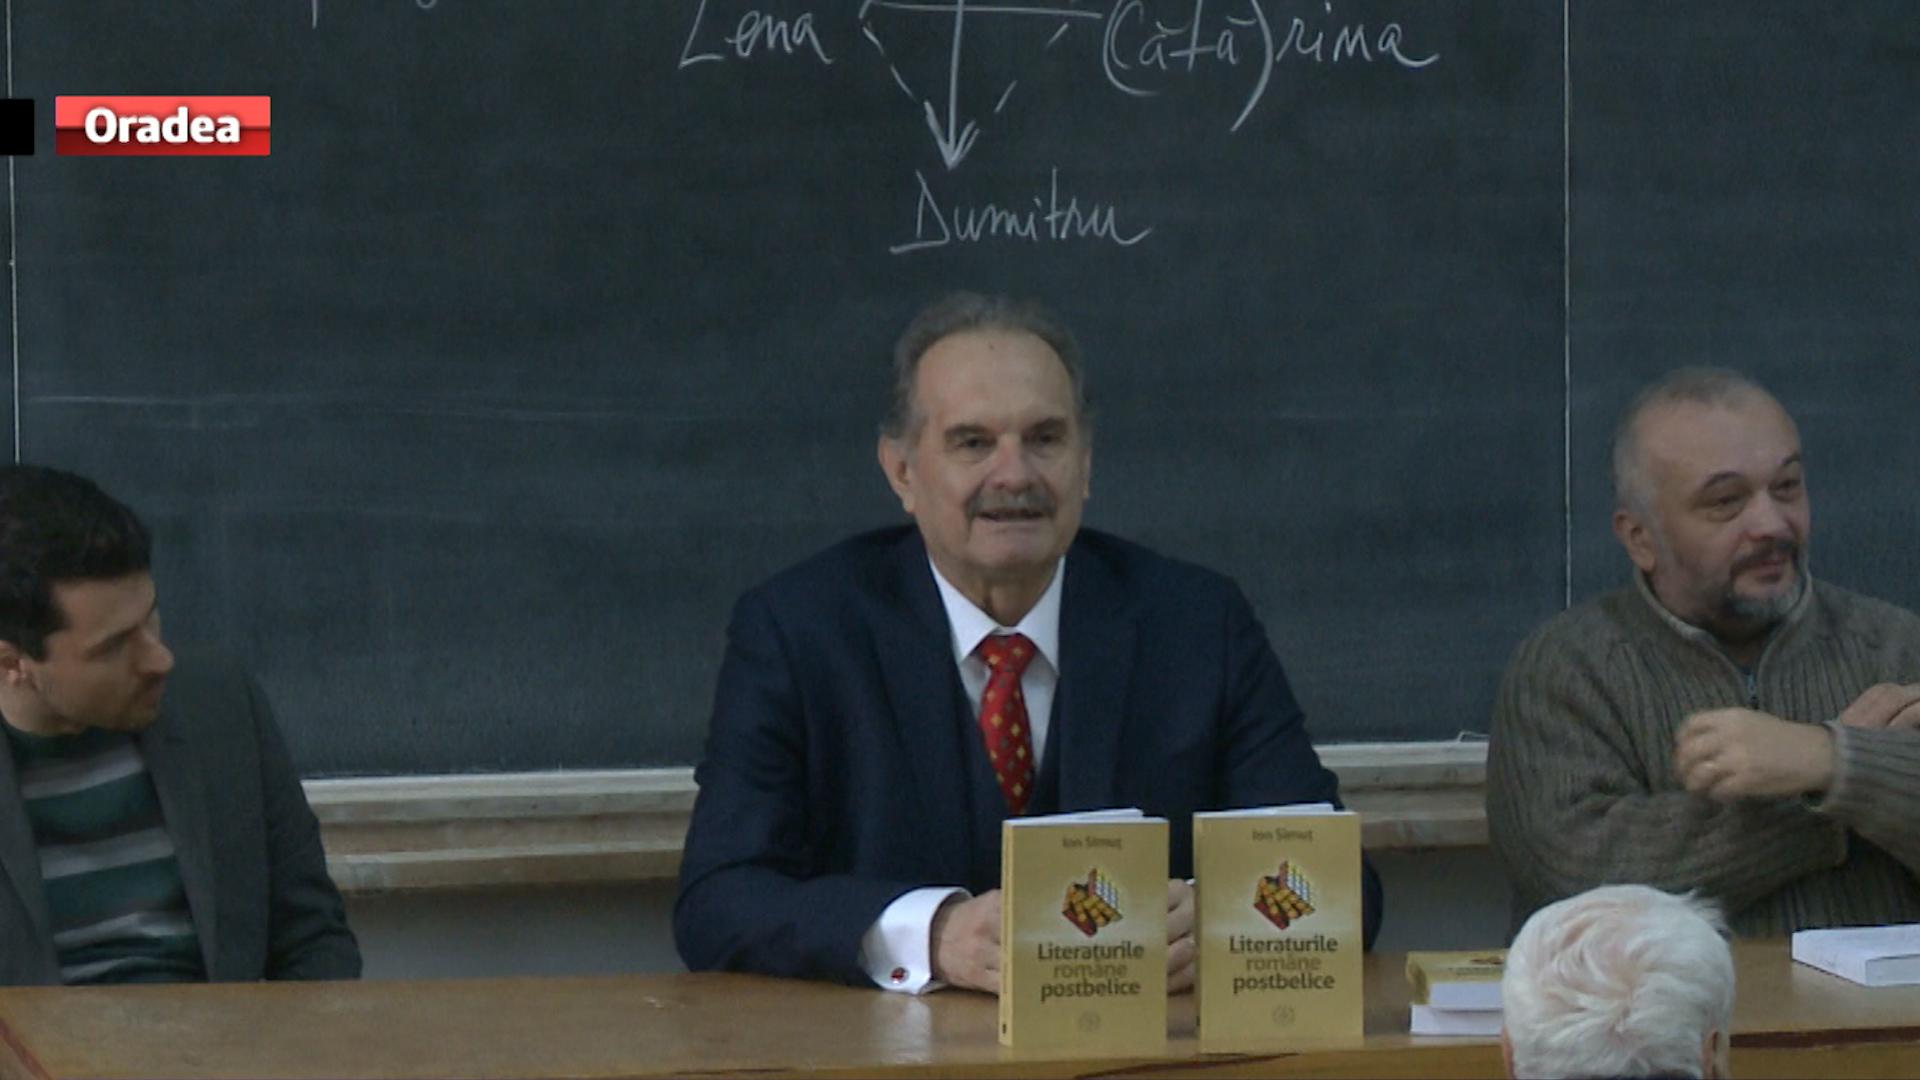 Literaturi romane postbelice - cartea care trateaza 50 de ani de literatura autohtona